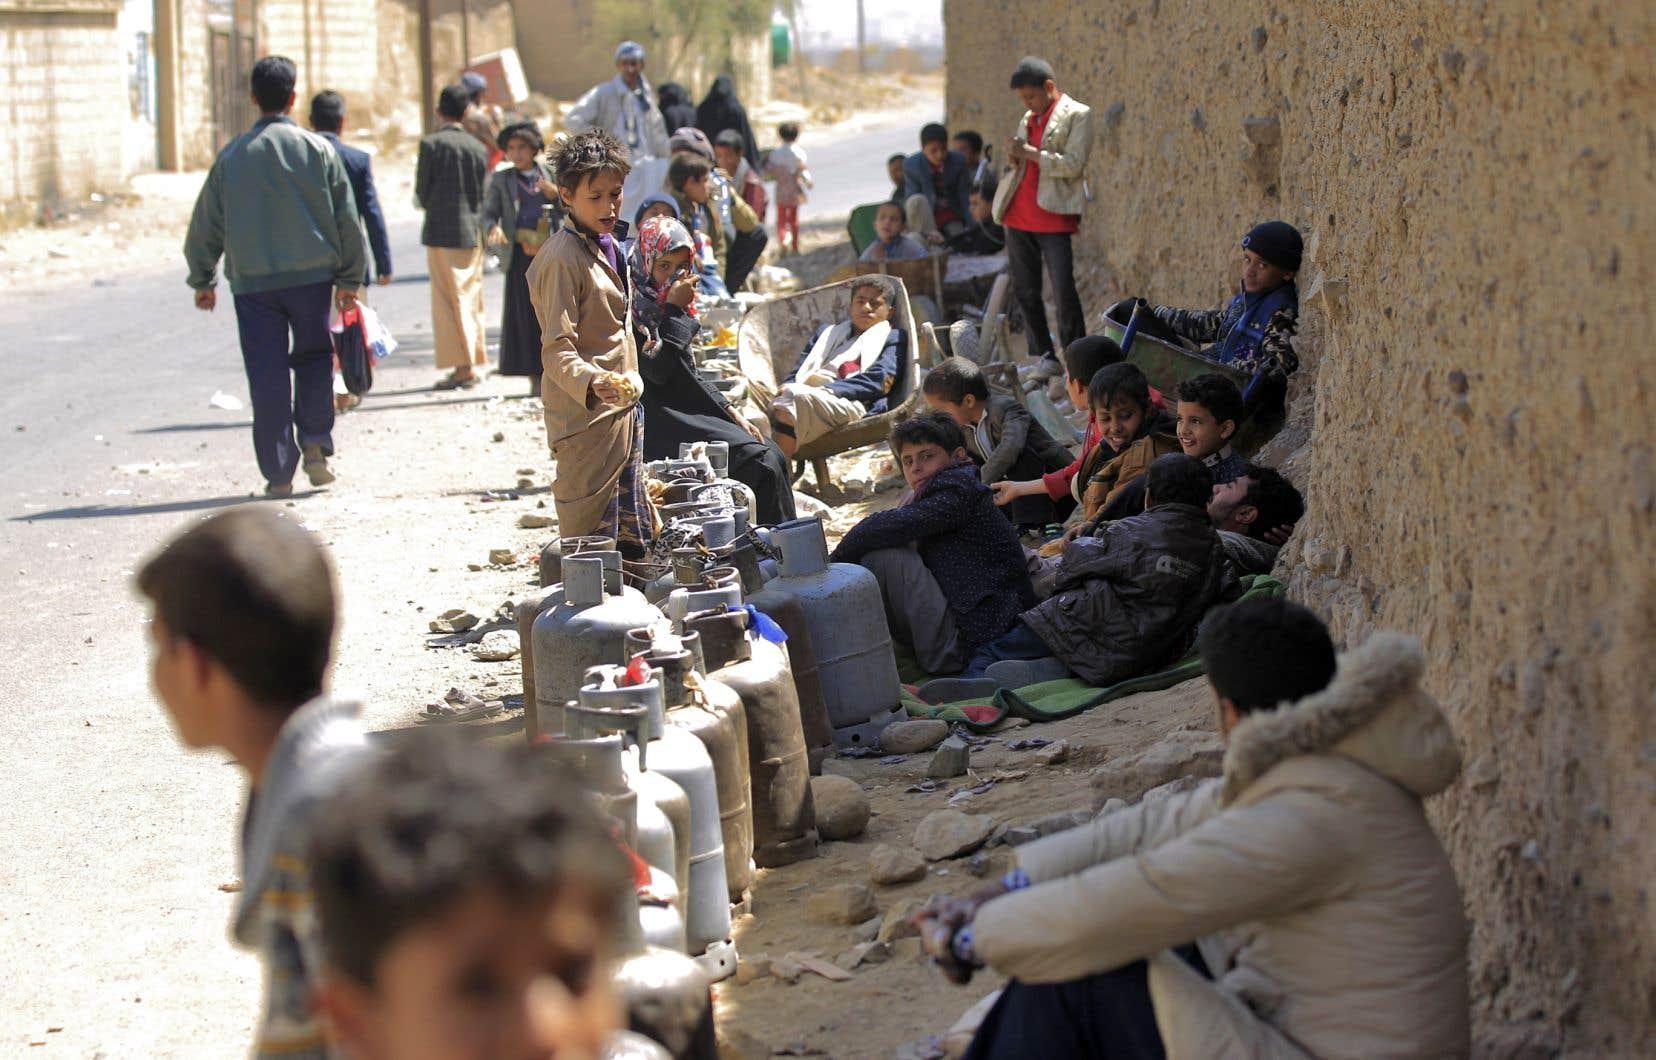 Le prix de l'essence etdes produits de première nécessité ne cesse d'augmenter à Sanaa.